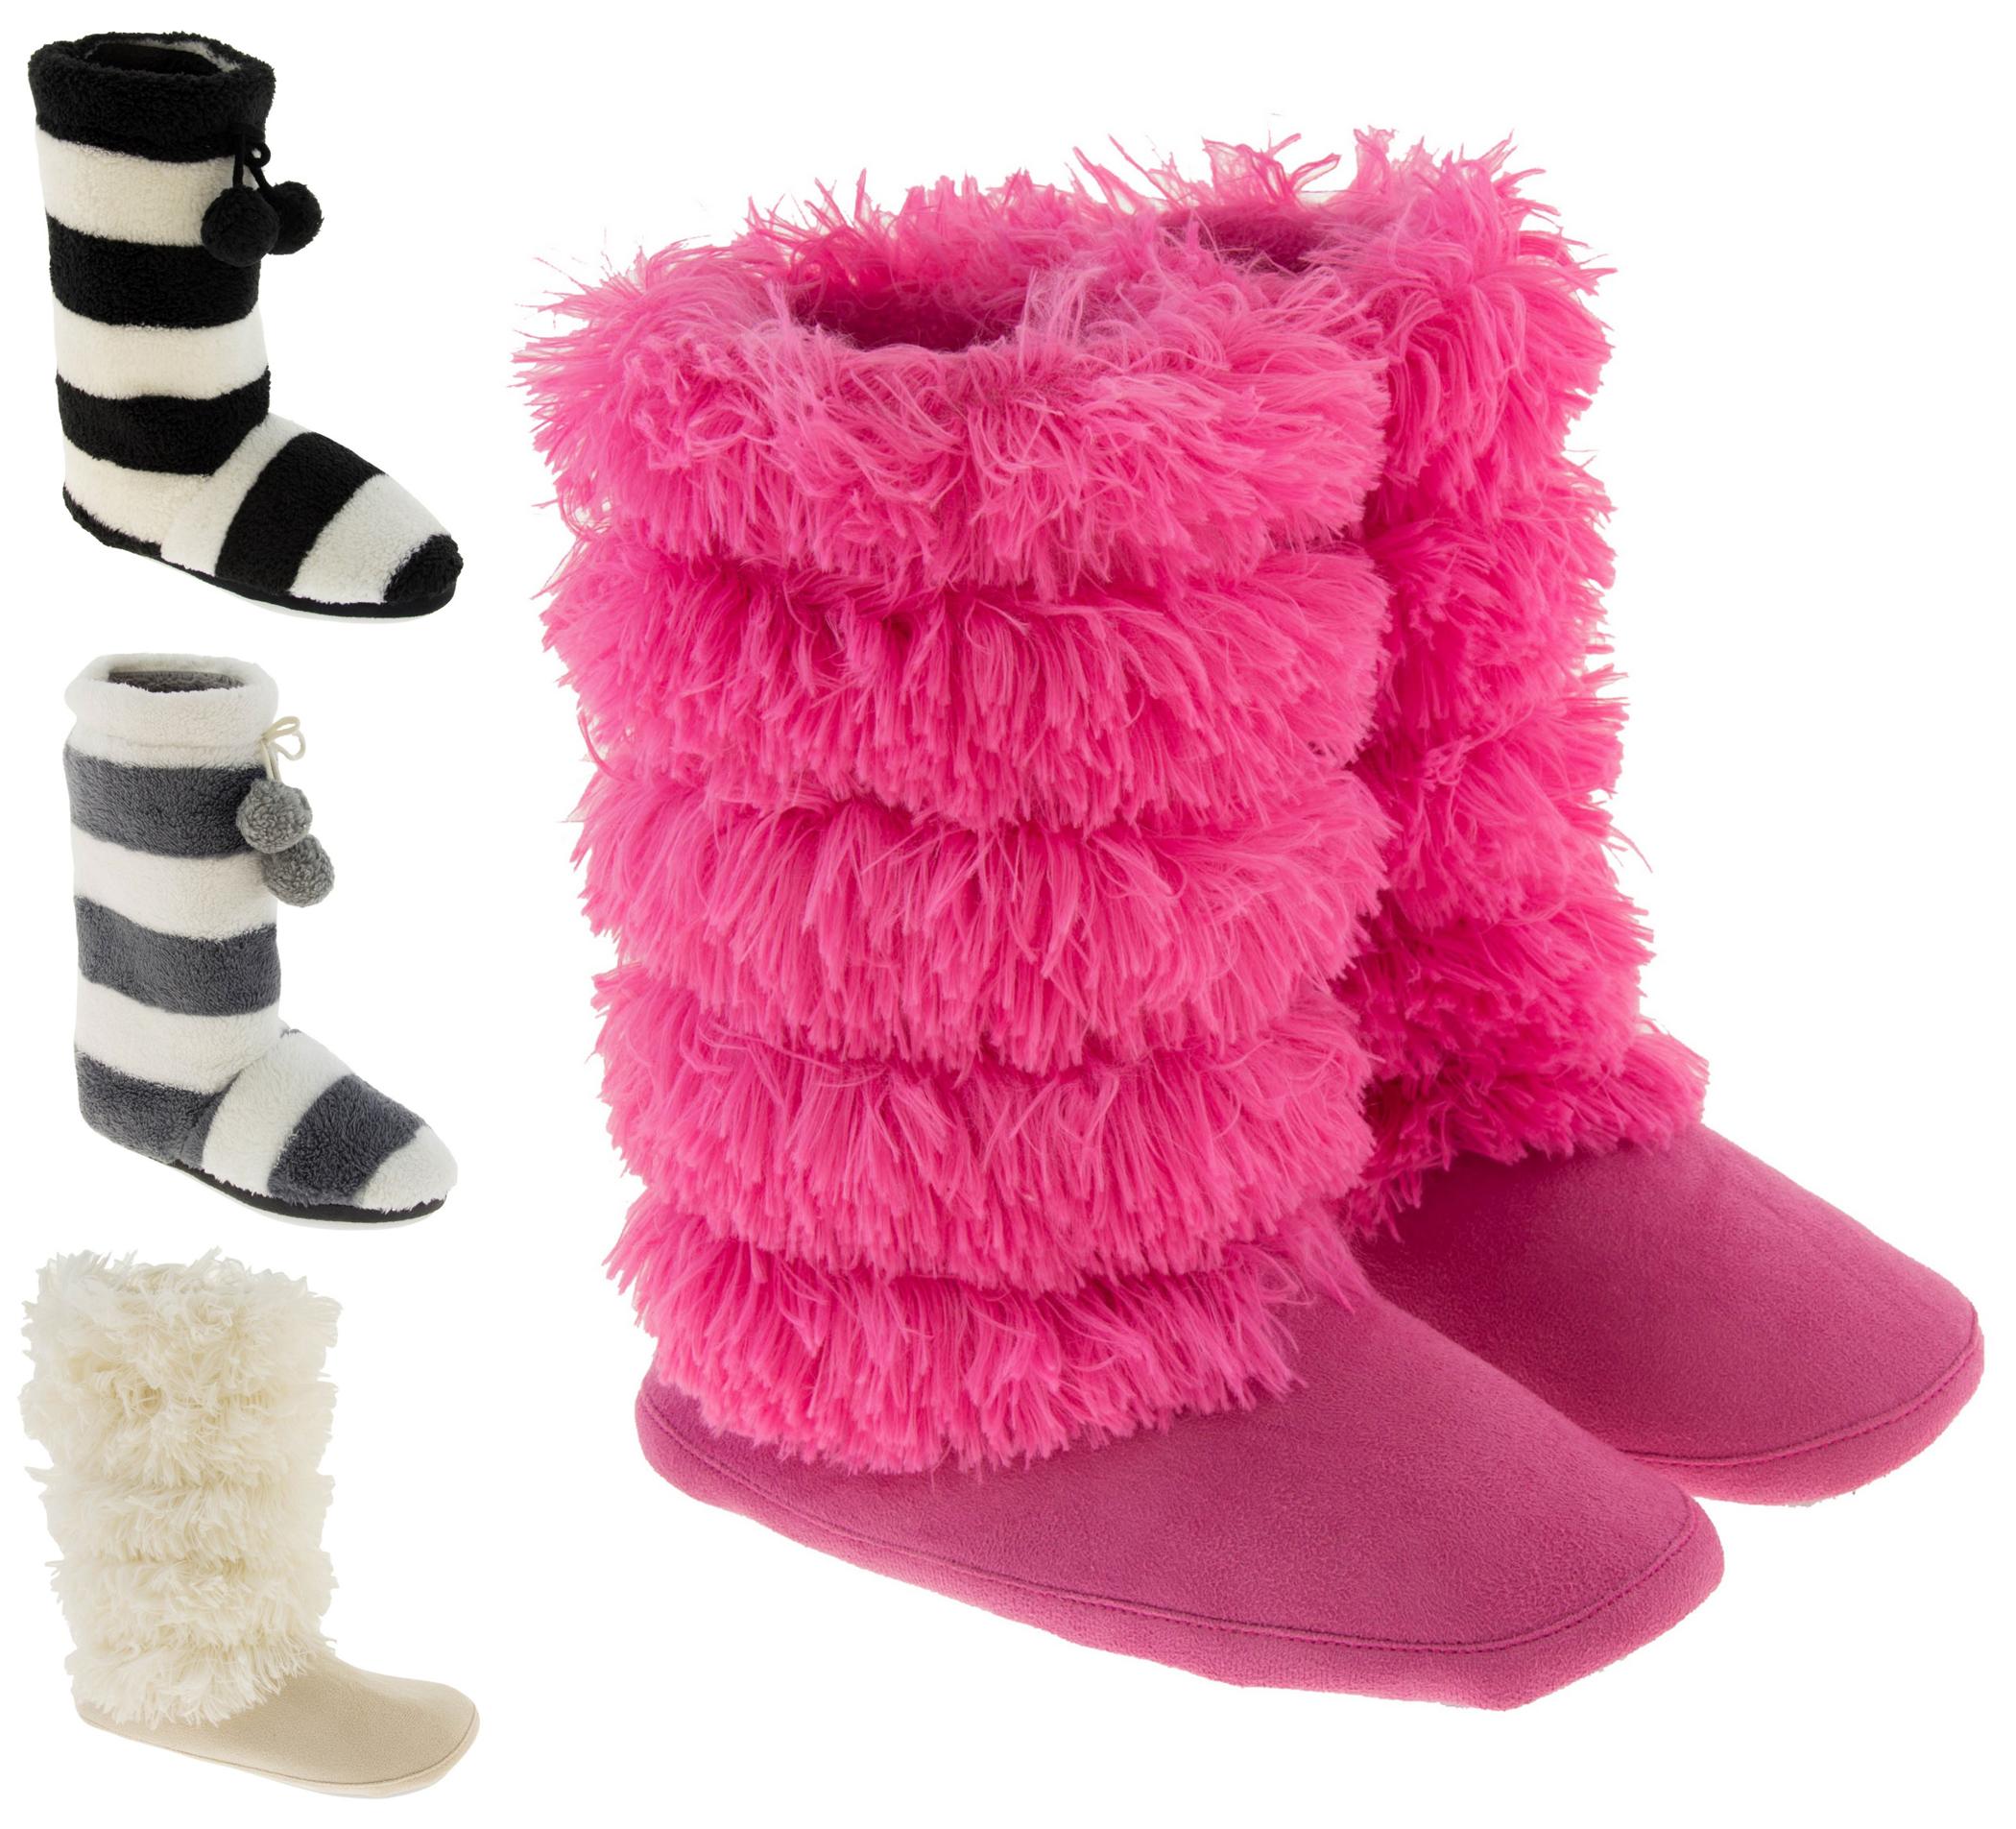 damen hausschuhe stiefel flauschig weich warm winter gr e. Black Bedroom Furniture Sets. Home Design Ideas